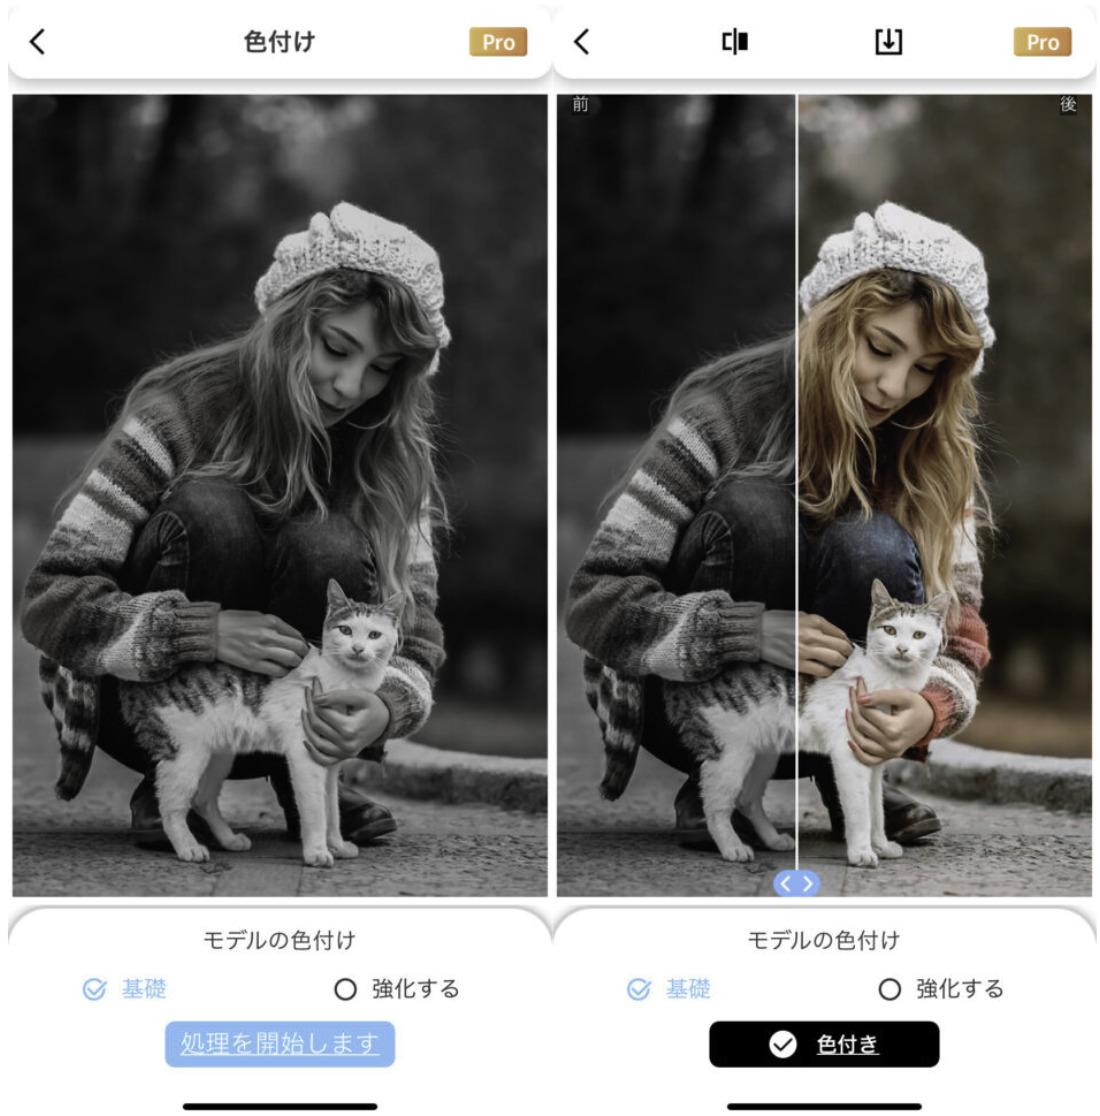 スマホで使える写真を高画質するアプリ3選!もっと綺麗に見やすく!!